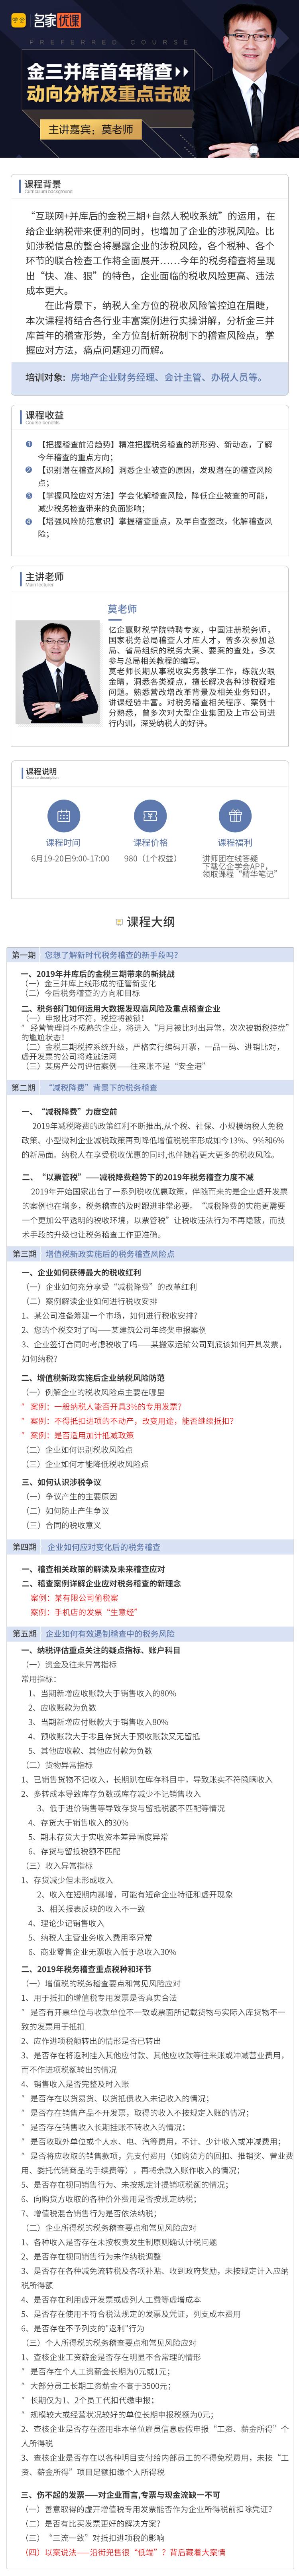 六月名家直播物料设计750-430875-内容支撑团队(1).jpg